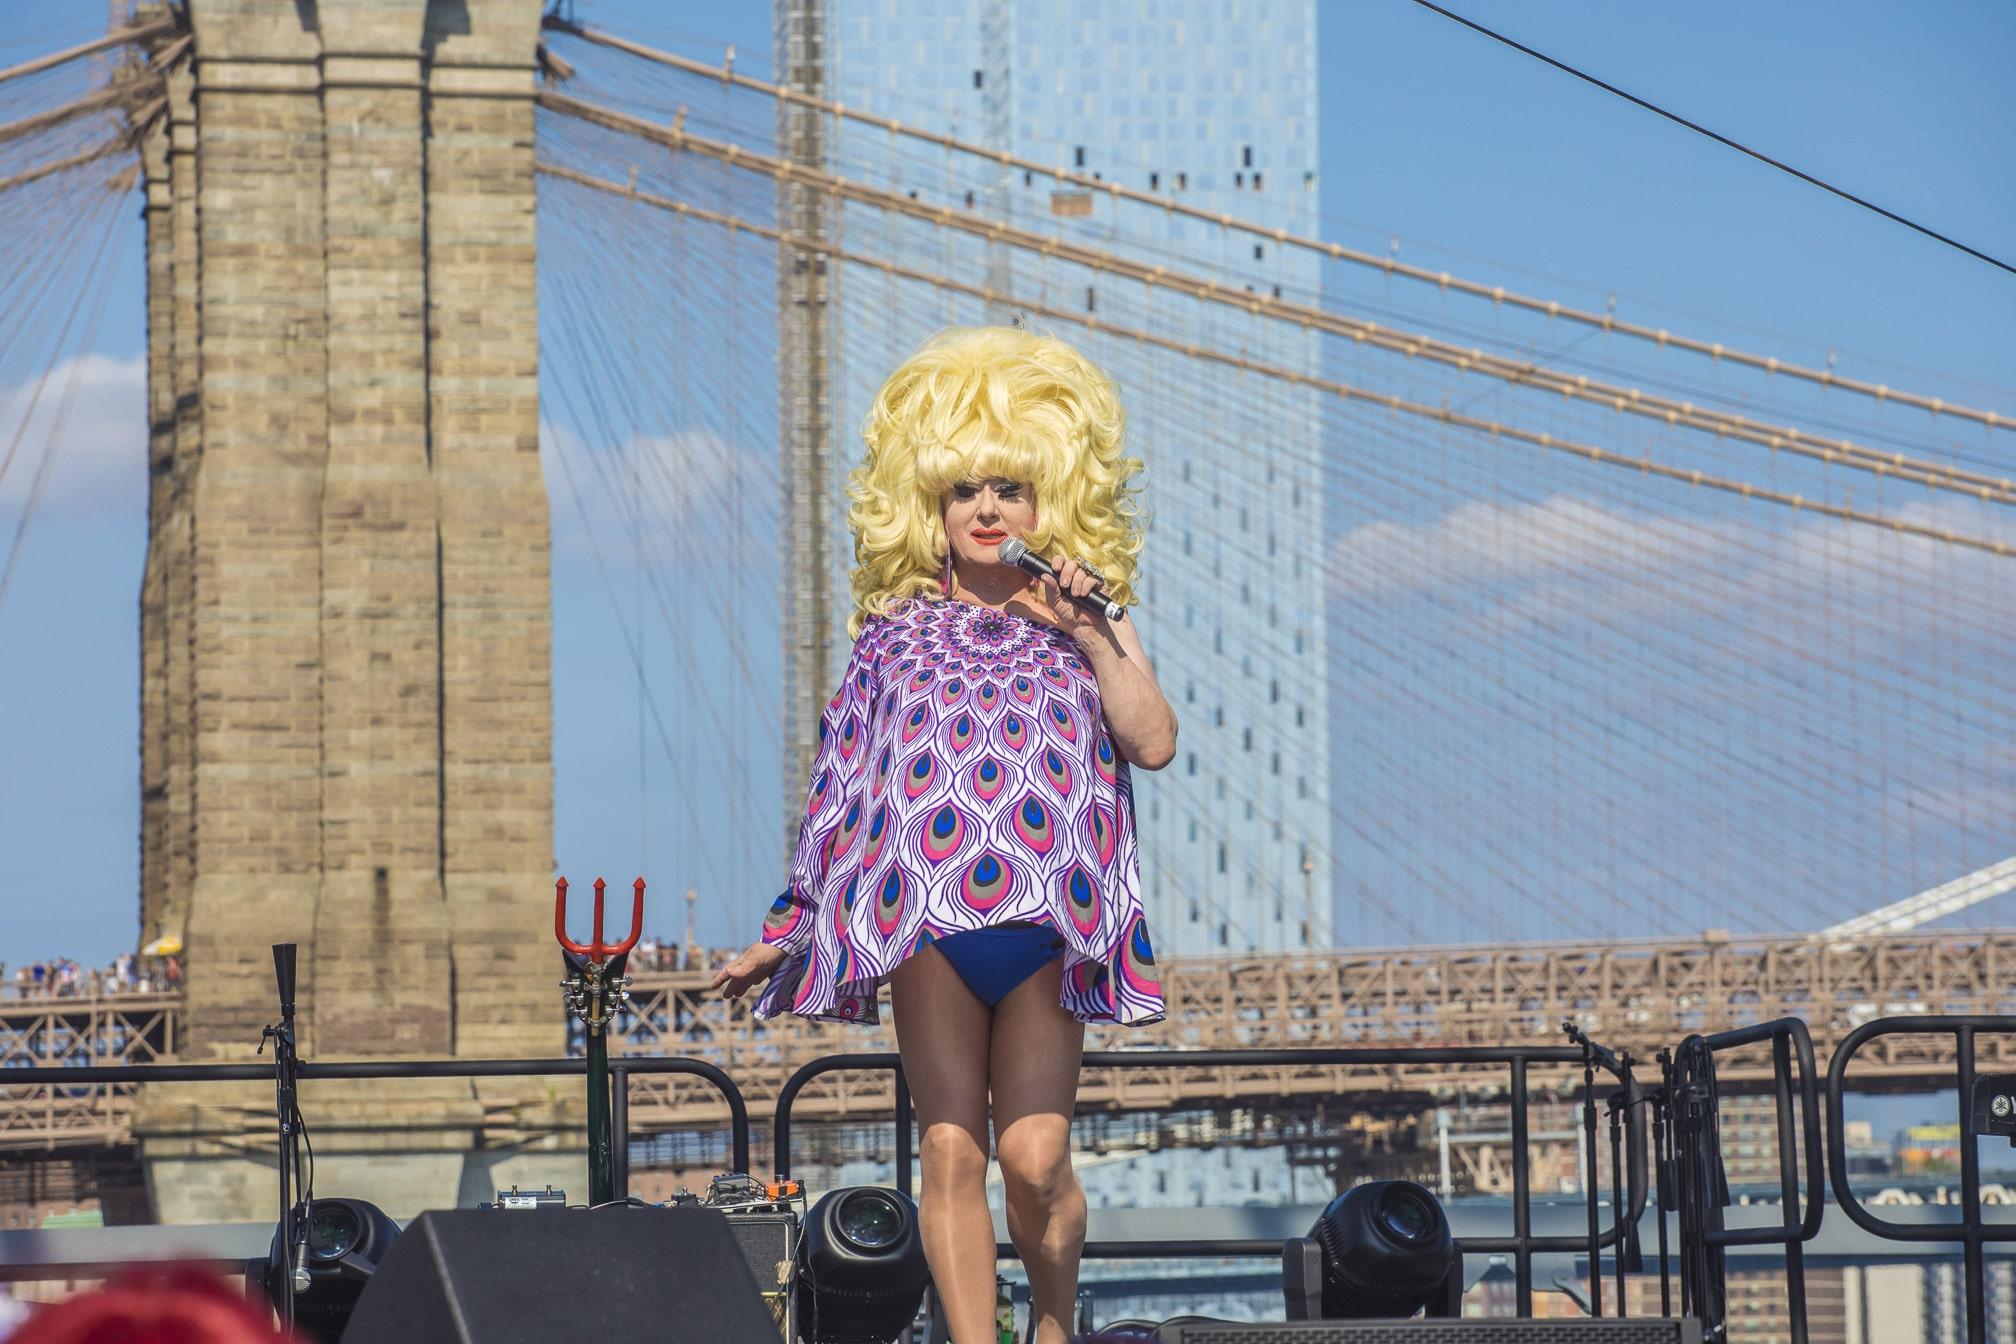 Fotos de Mes del Orgullo LGBTQIA+: HBO Propone Películas y Series sobre Inclusión y Diversidad